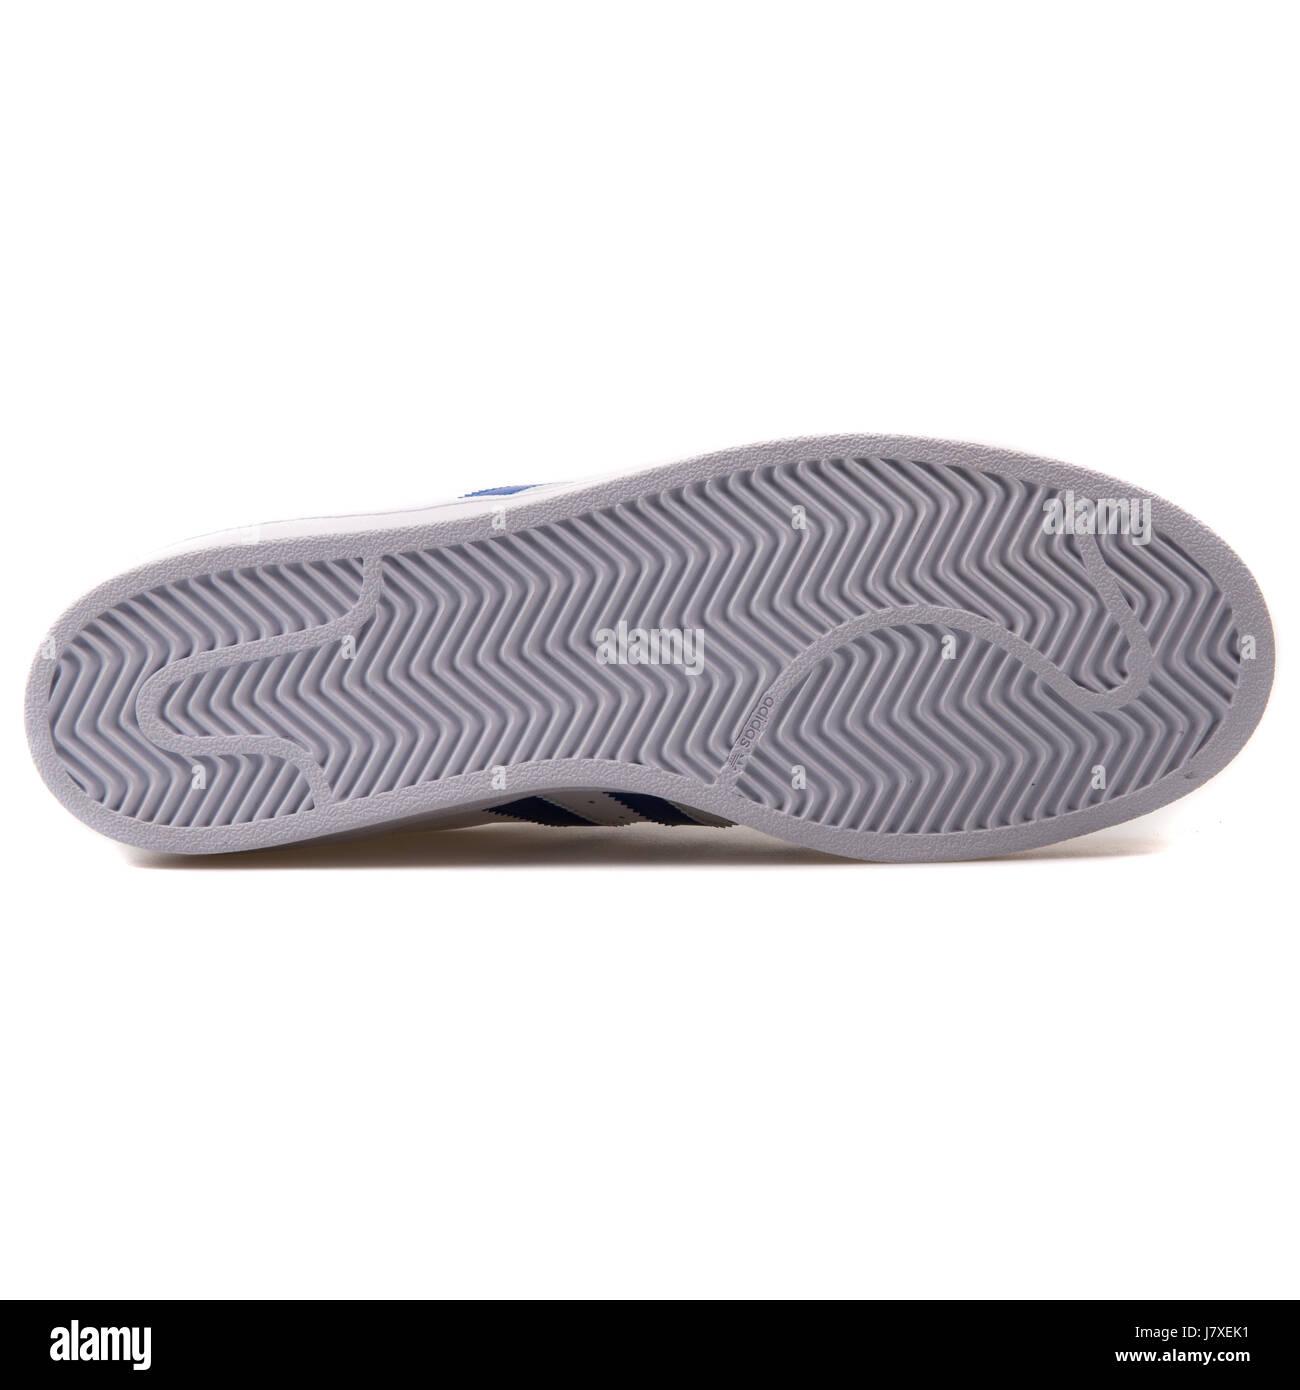 big sale 3535b 6e47a Adidas Superstar Foundation Hombre de cuero blanco con azul Sneakers -  B27141 Imagen De Stock